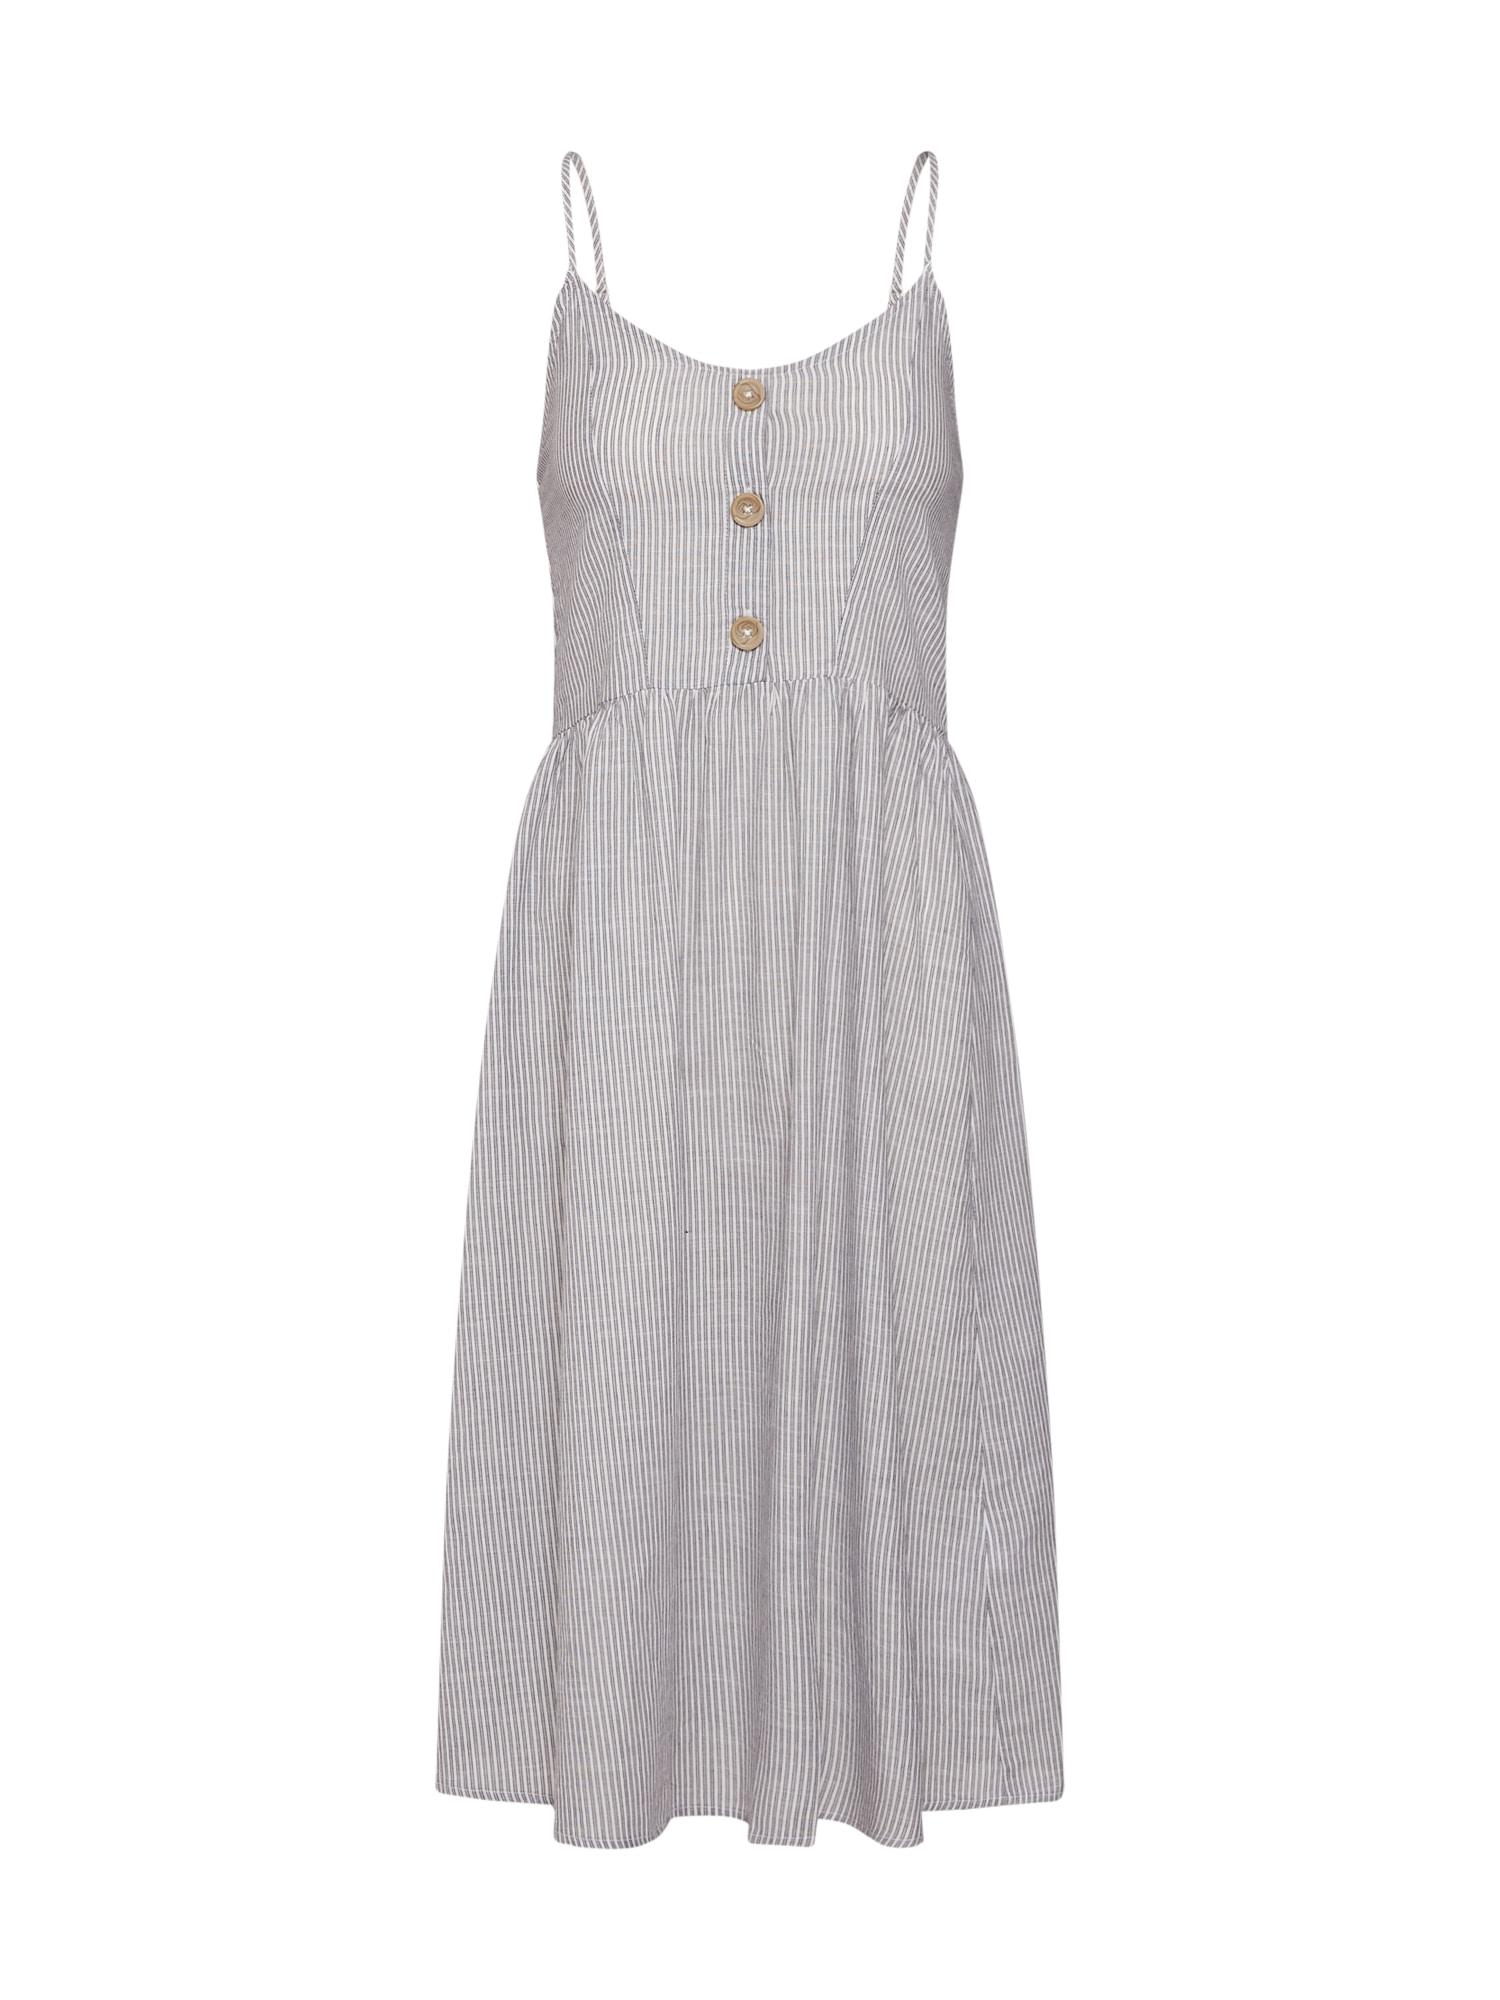 Letní šaty CATHY anthrazit weiß ONLY